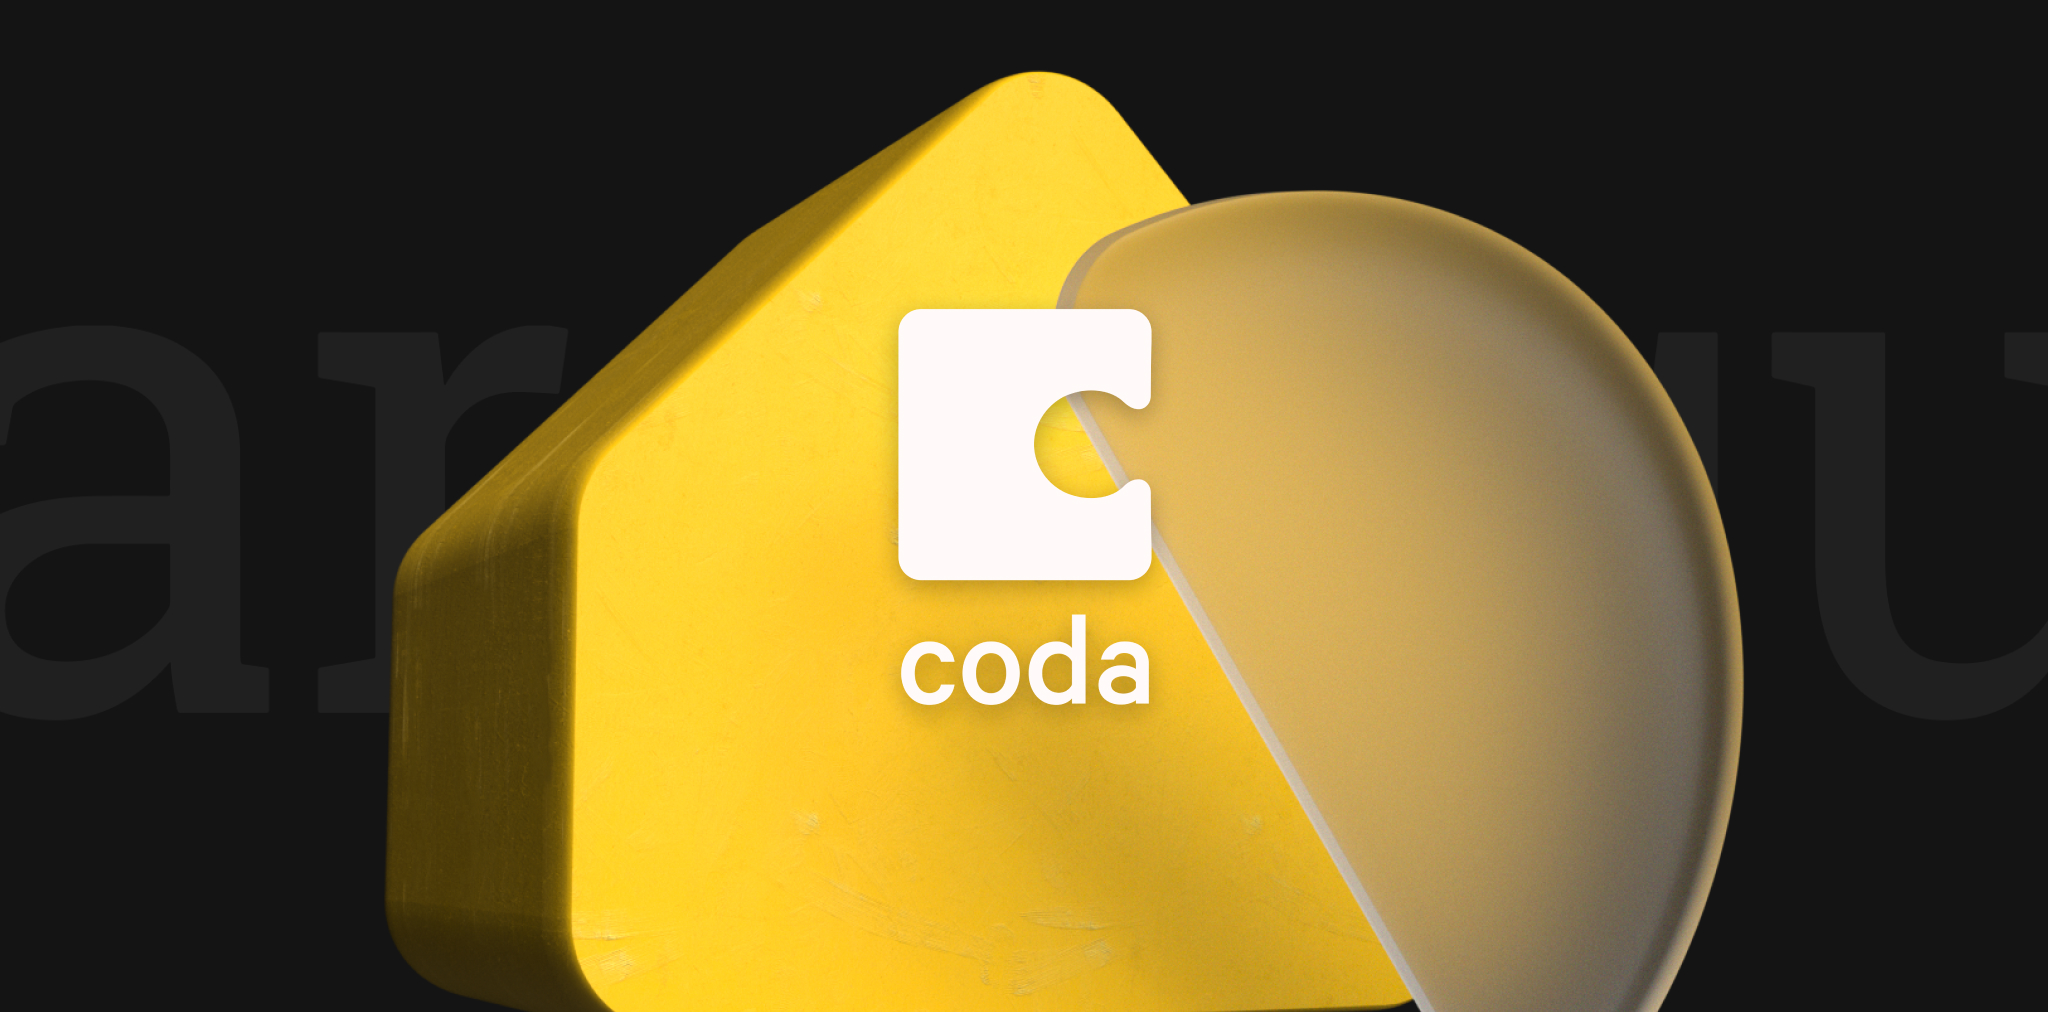 Gestiona tu proyecto con Coda